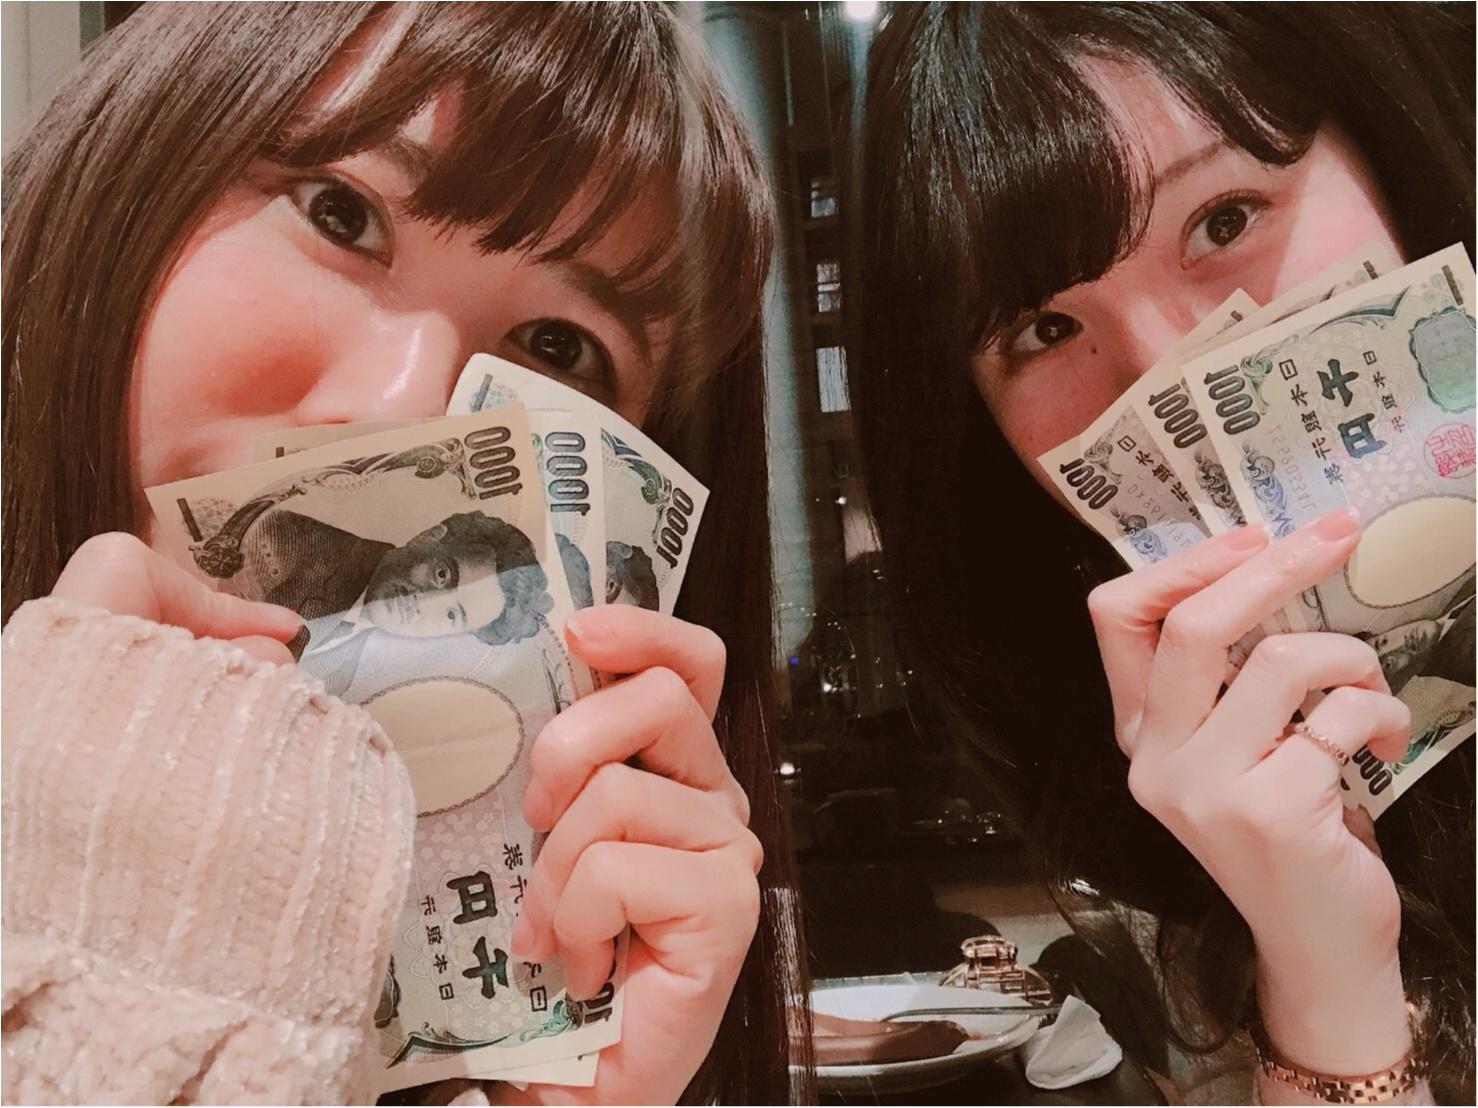 【キャンメイク・セザンヌ・ちふれ】total 3000円でフルメイク!?プチプラコスメの底力、見せます!!_1